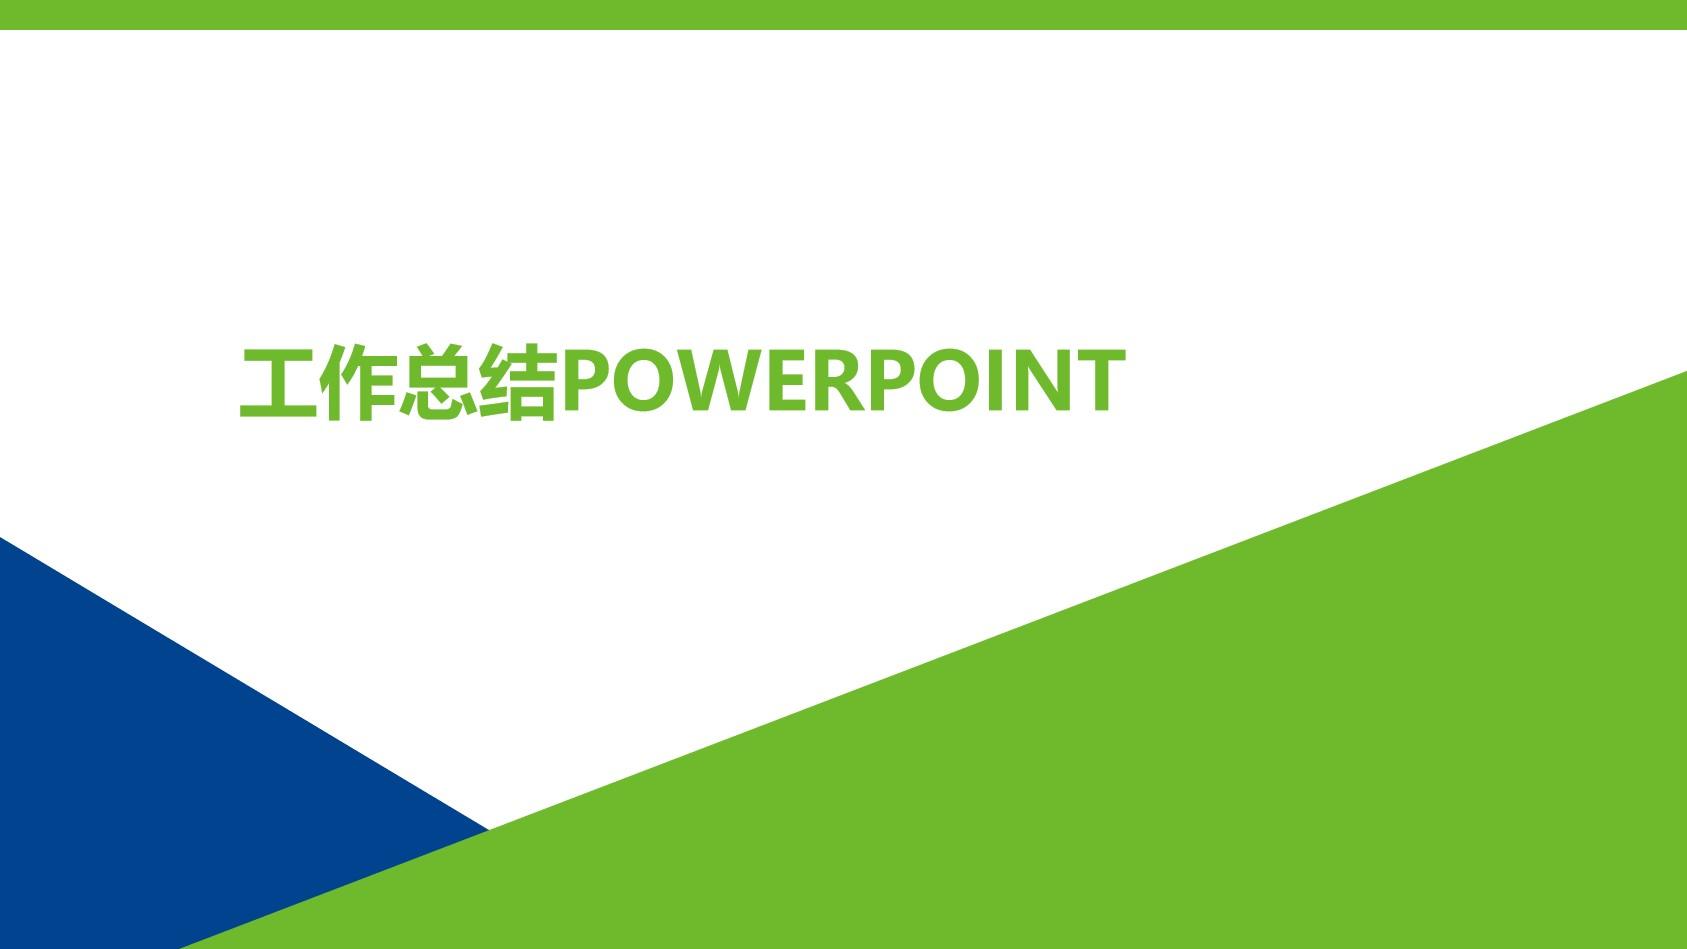 简洁蓝绿搭配的扁平化工作总结PPT模板